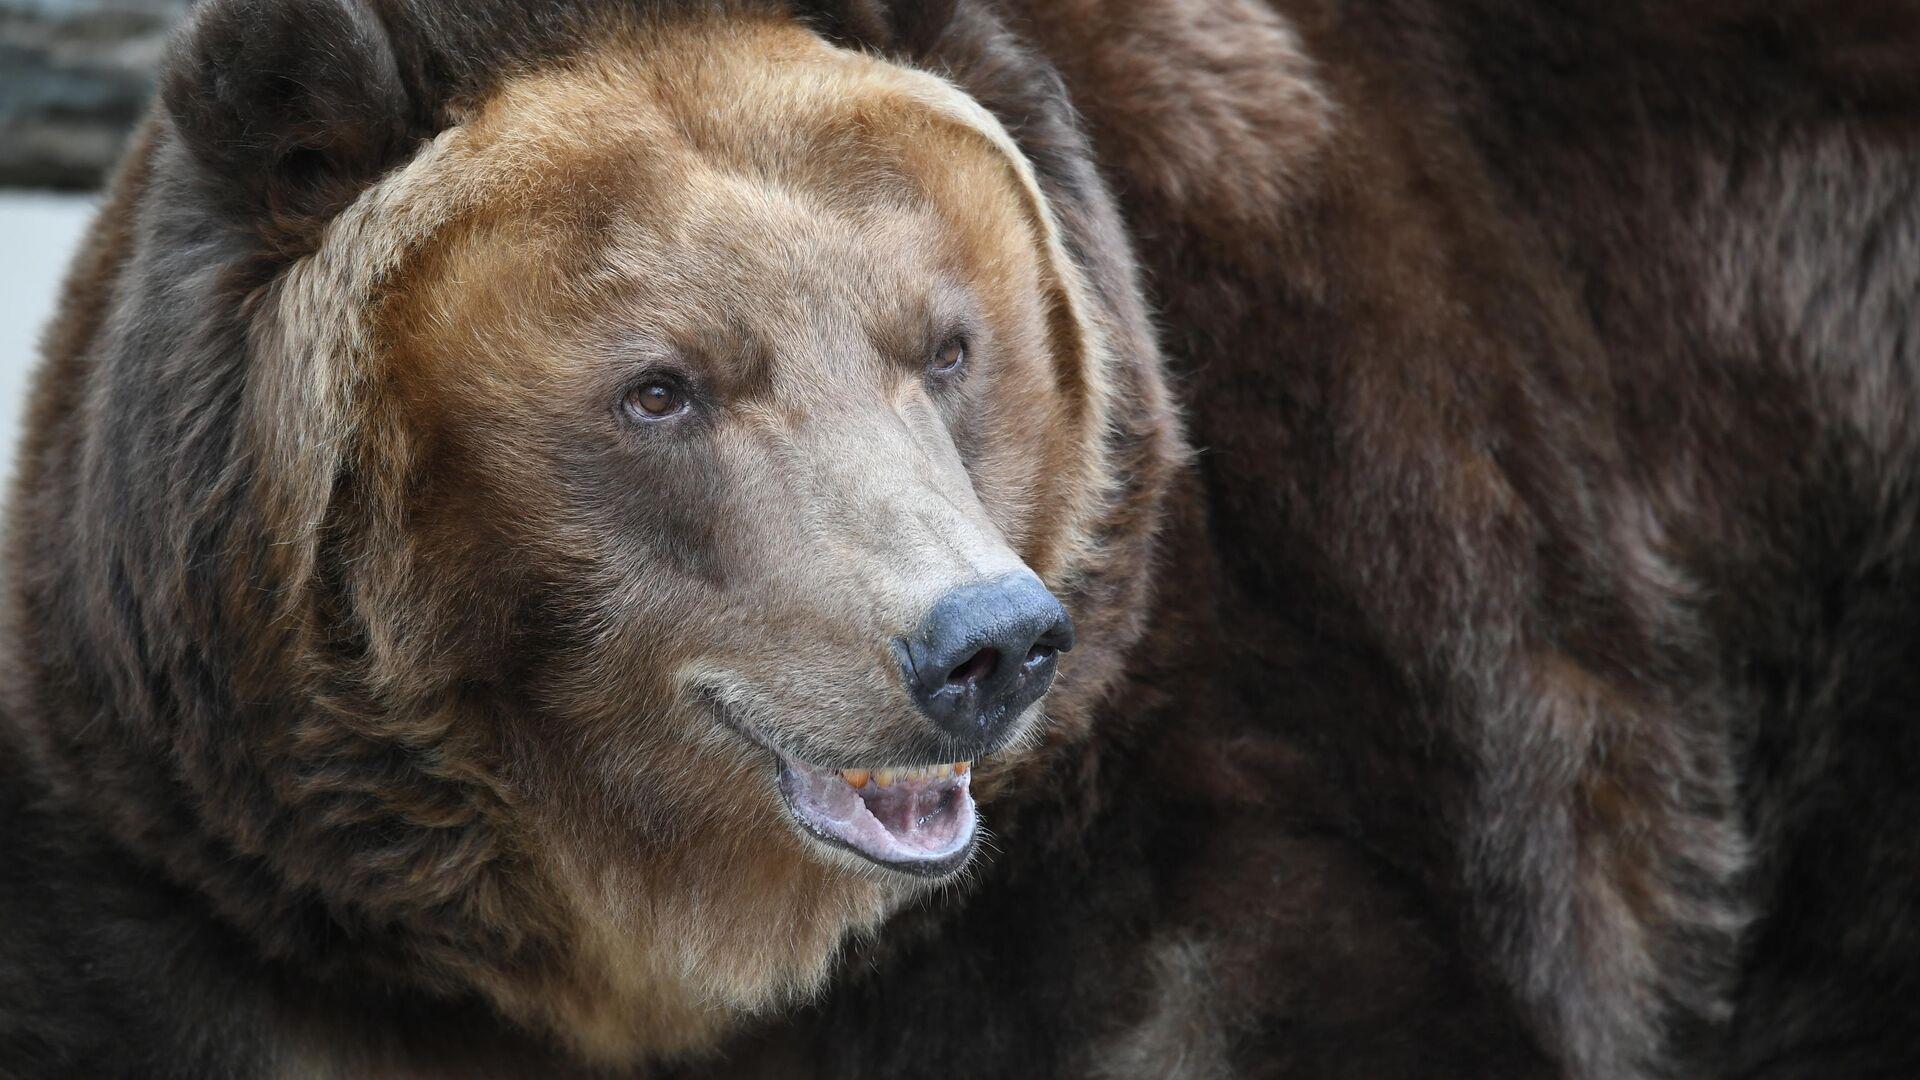 1553449941 0:160:3072:1888 1920x0 80 0 0 c0662ba417df7bd26ef3b07a0c48b50f - В США планируют выбрать самого толстого медведя